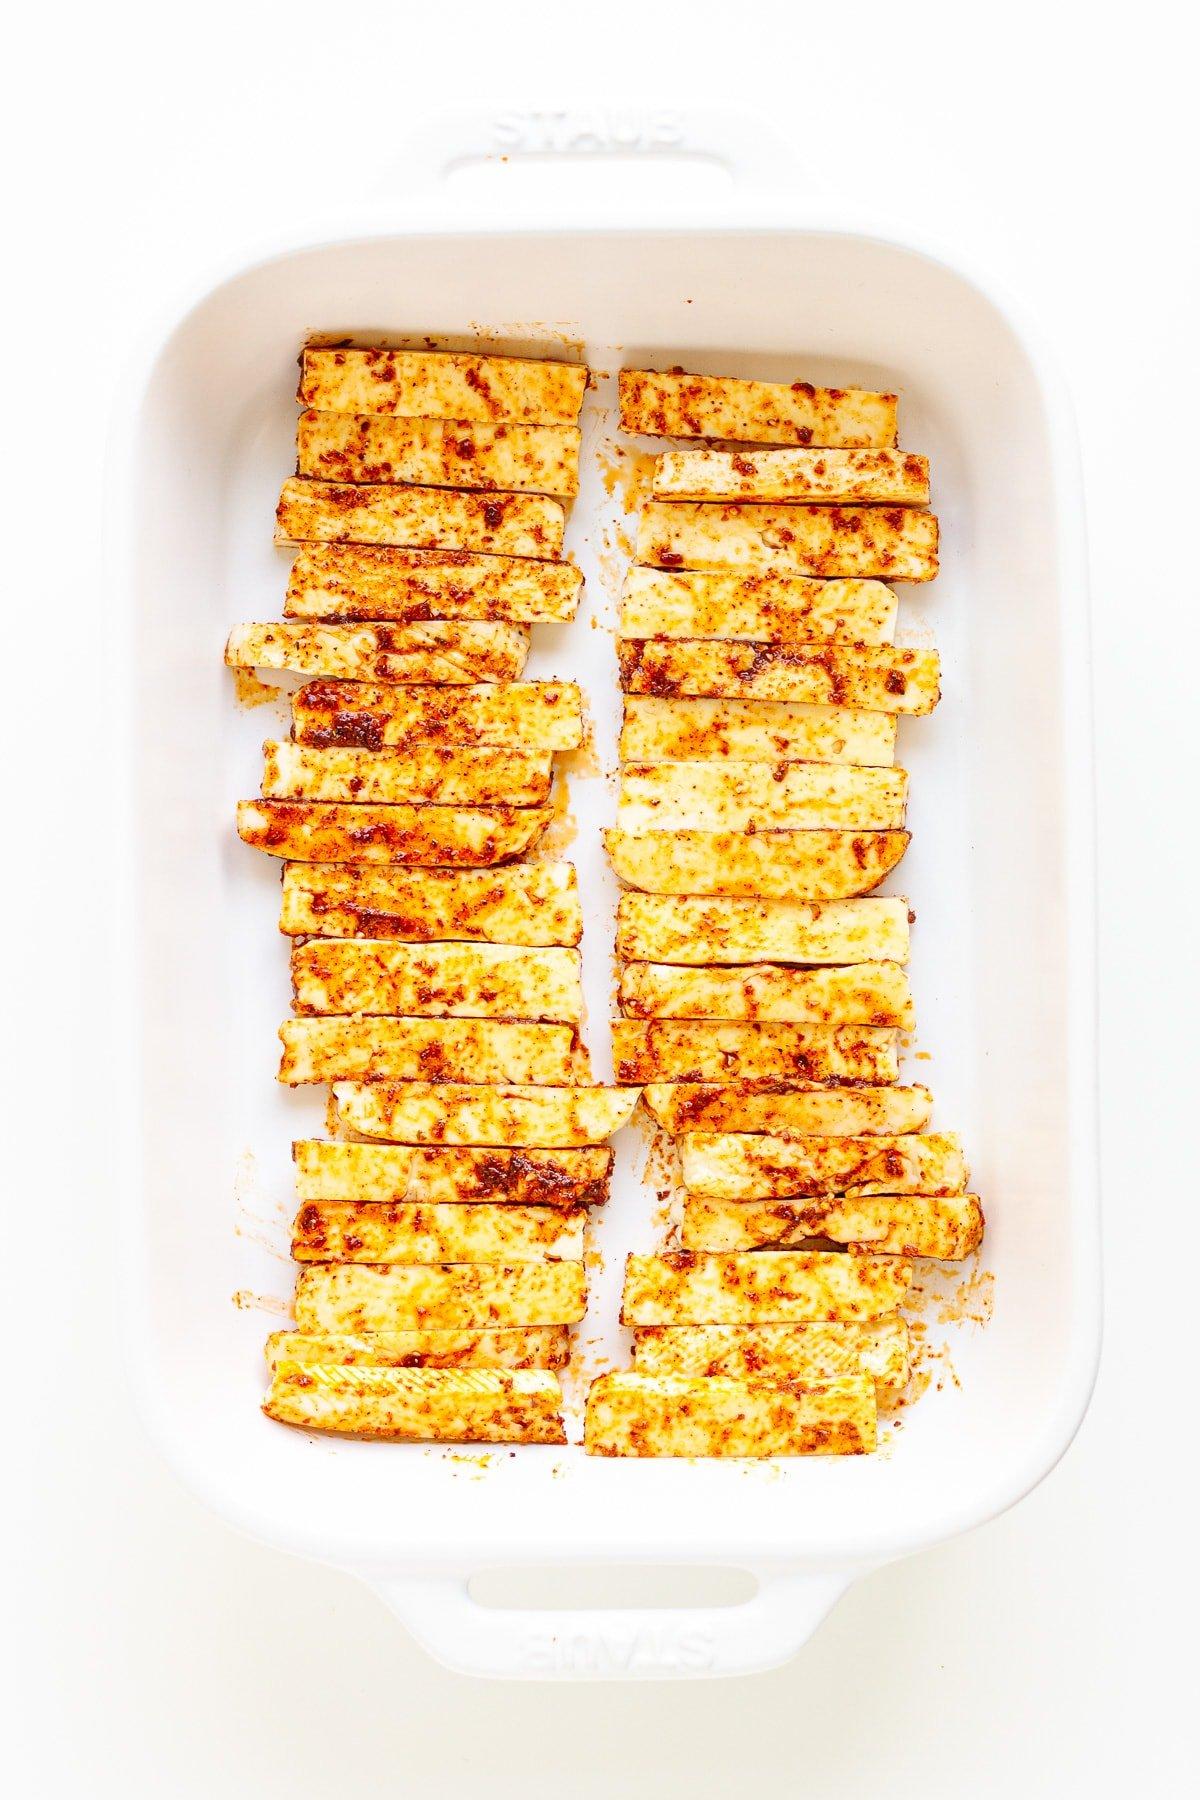 Seasoned halloumi strips in a white casserole dish.